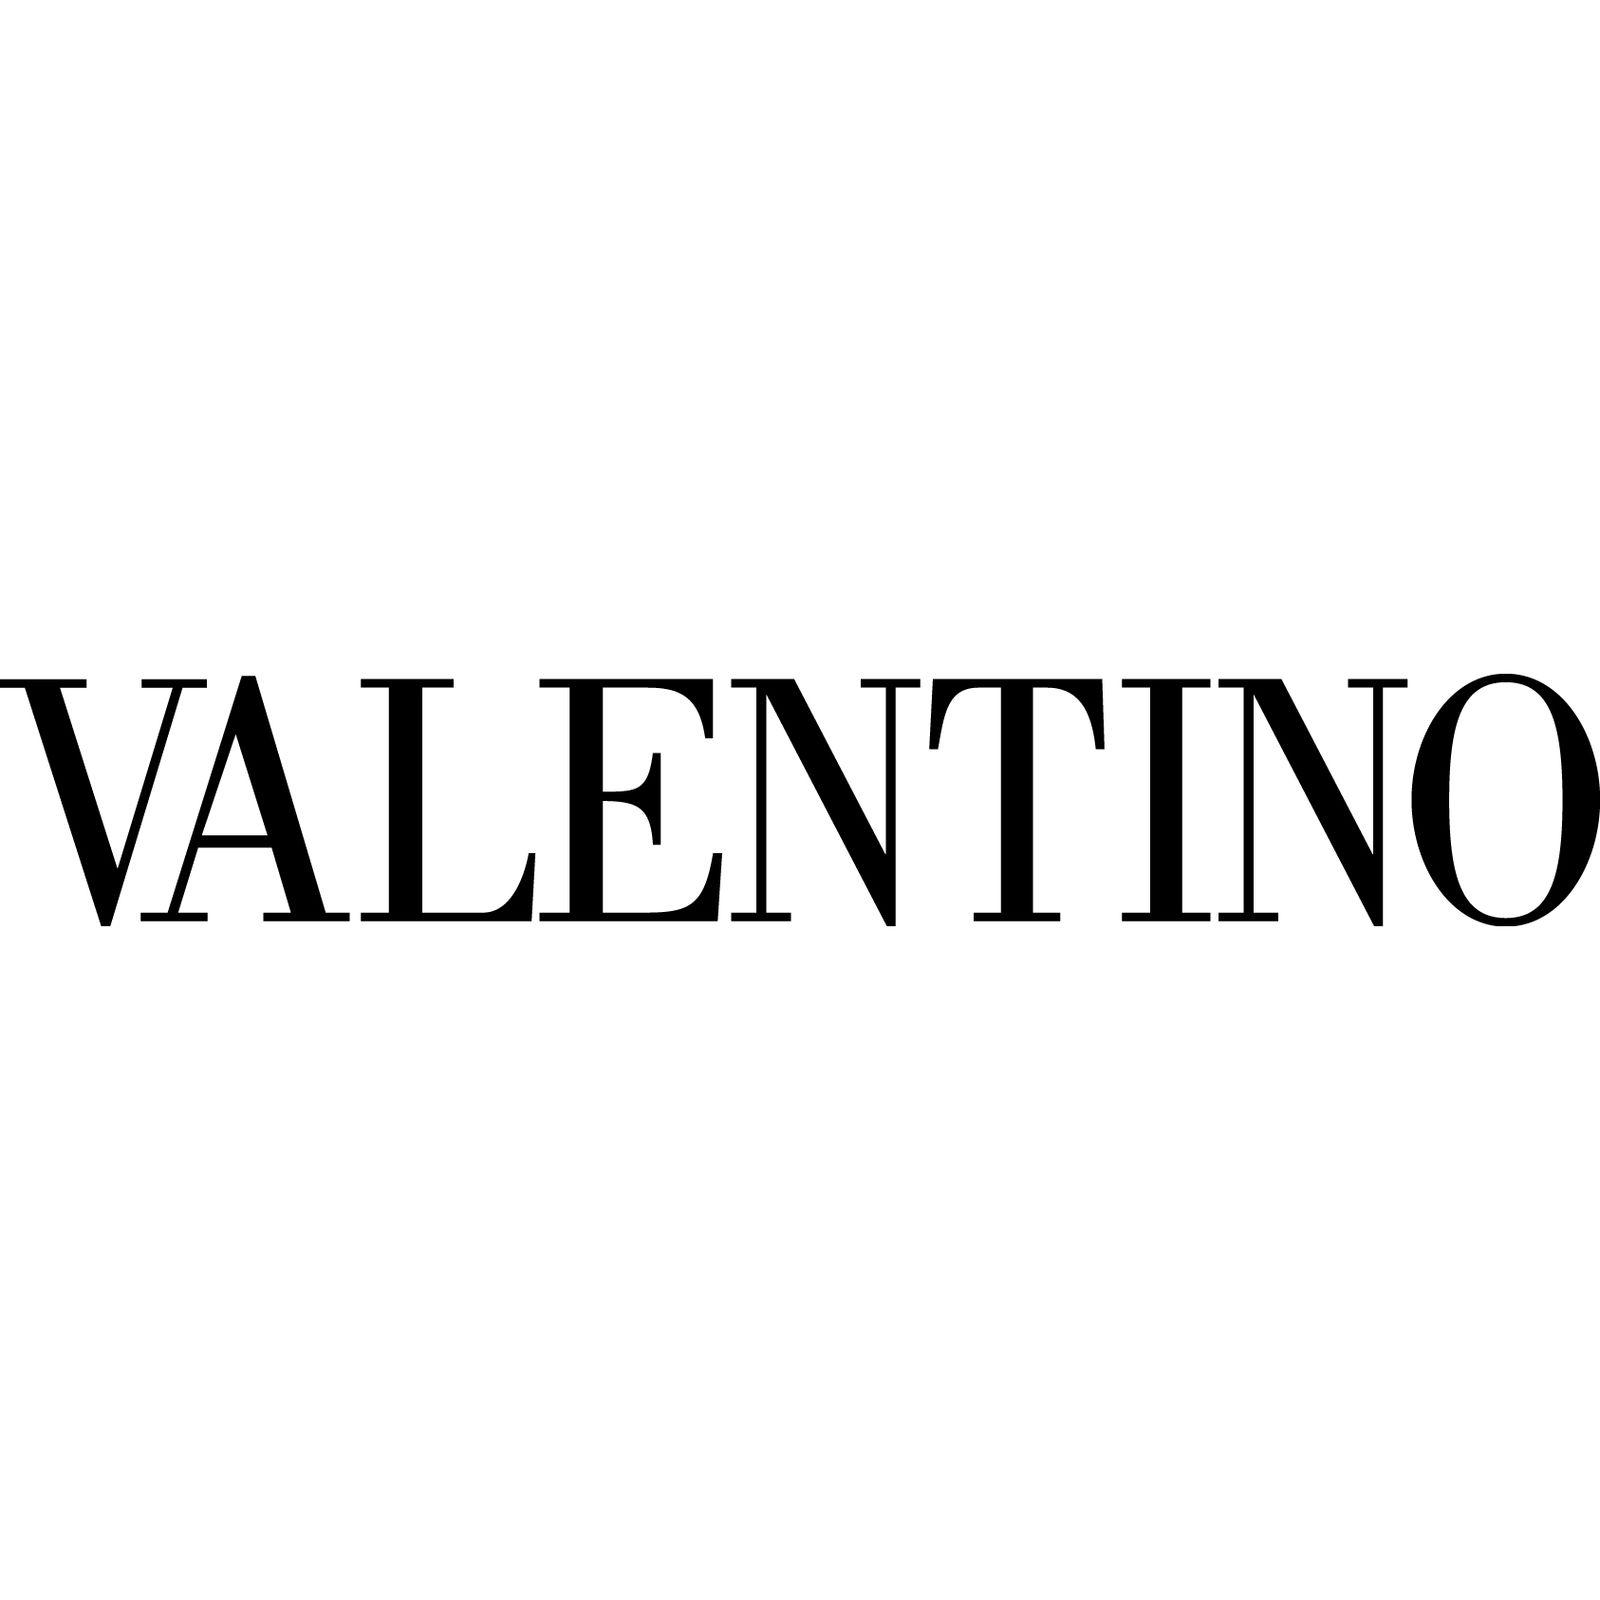 VALENTINO (Изображение 1)